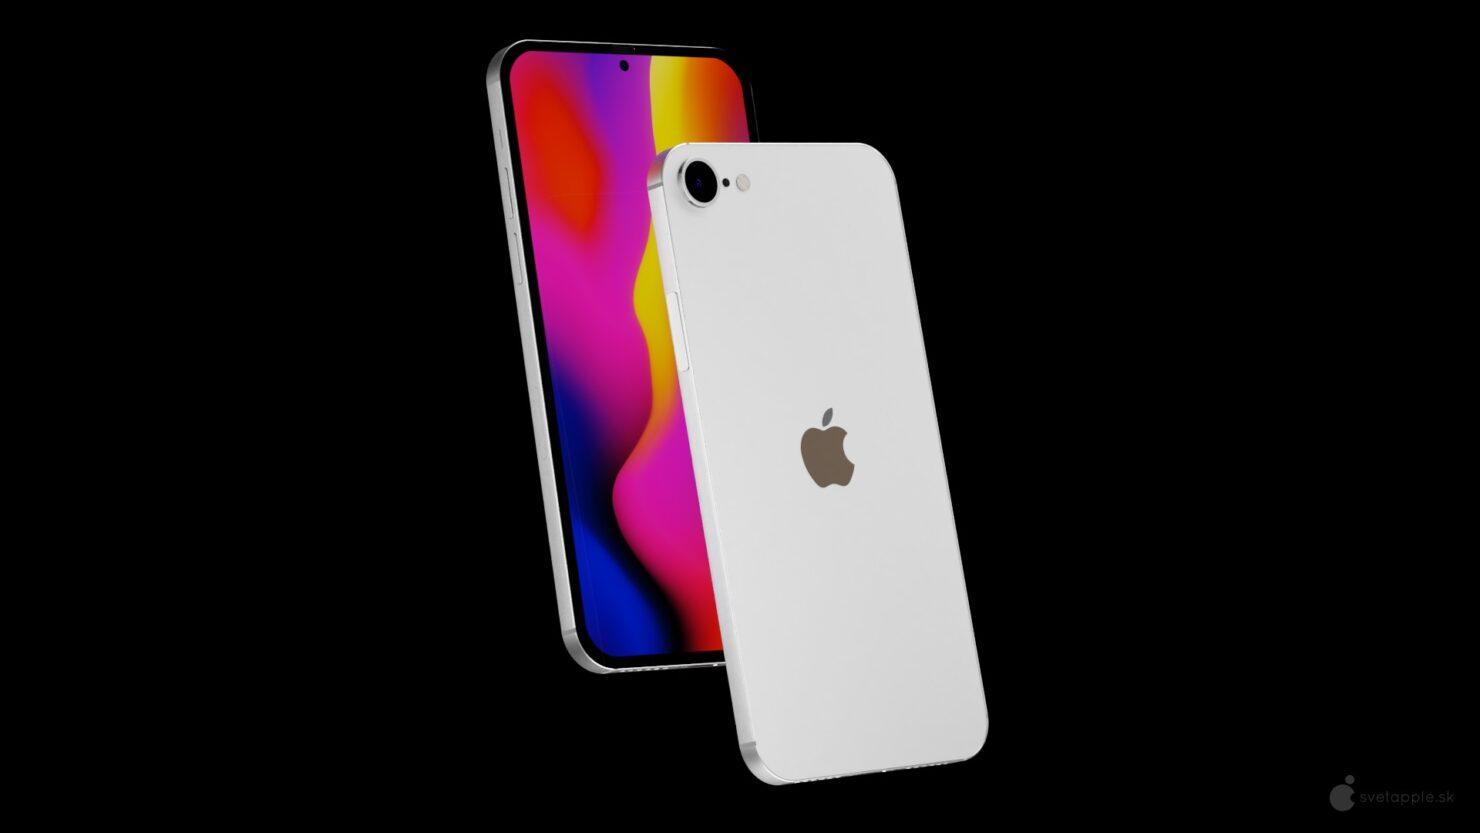 Taki iPhone SE 2021 mógłby być hitem, ale moja wyobraźnia ...